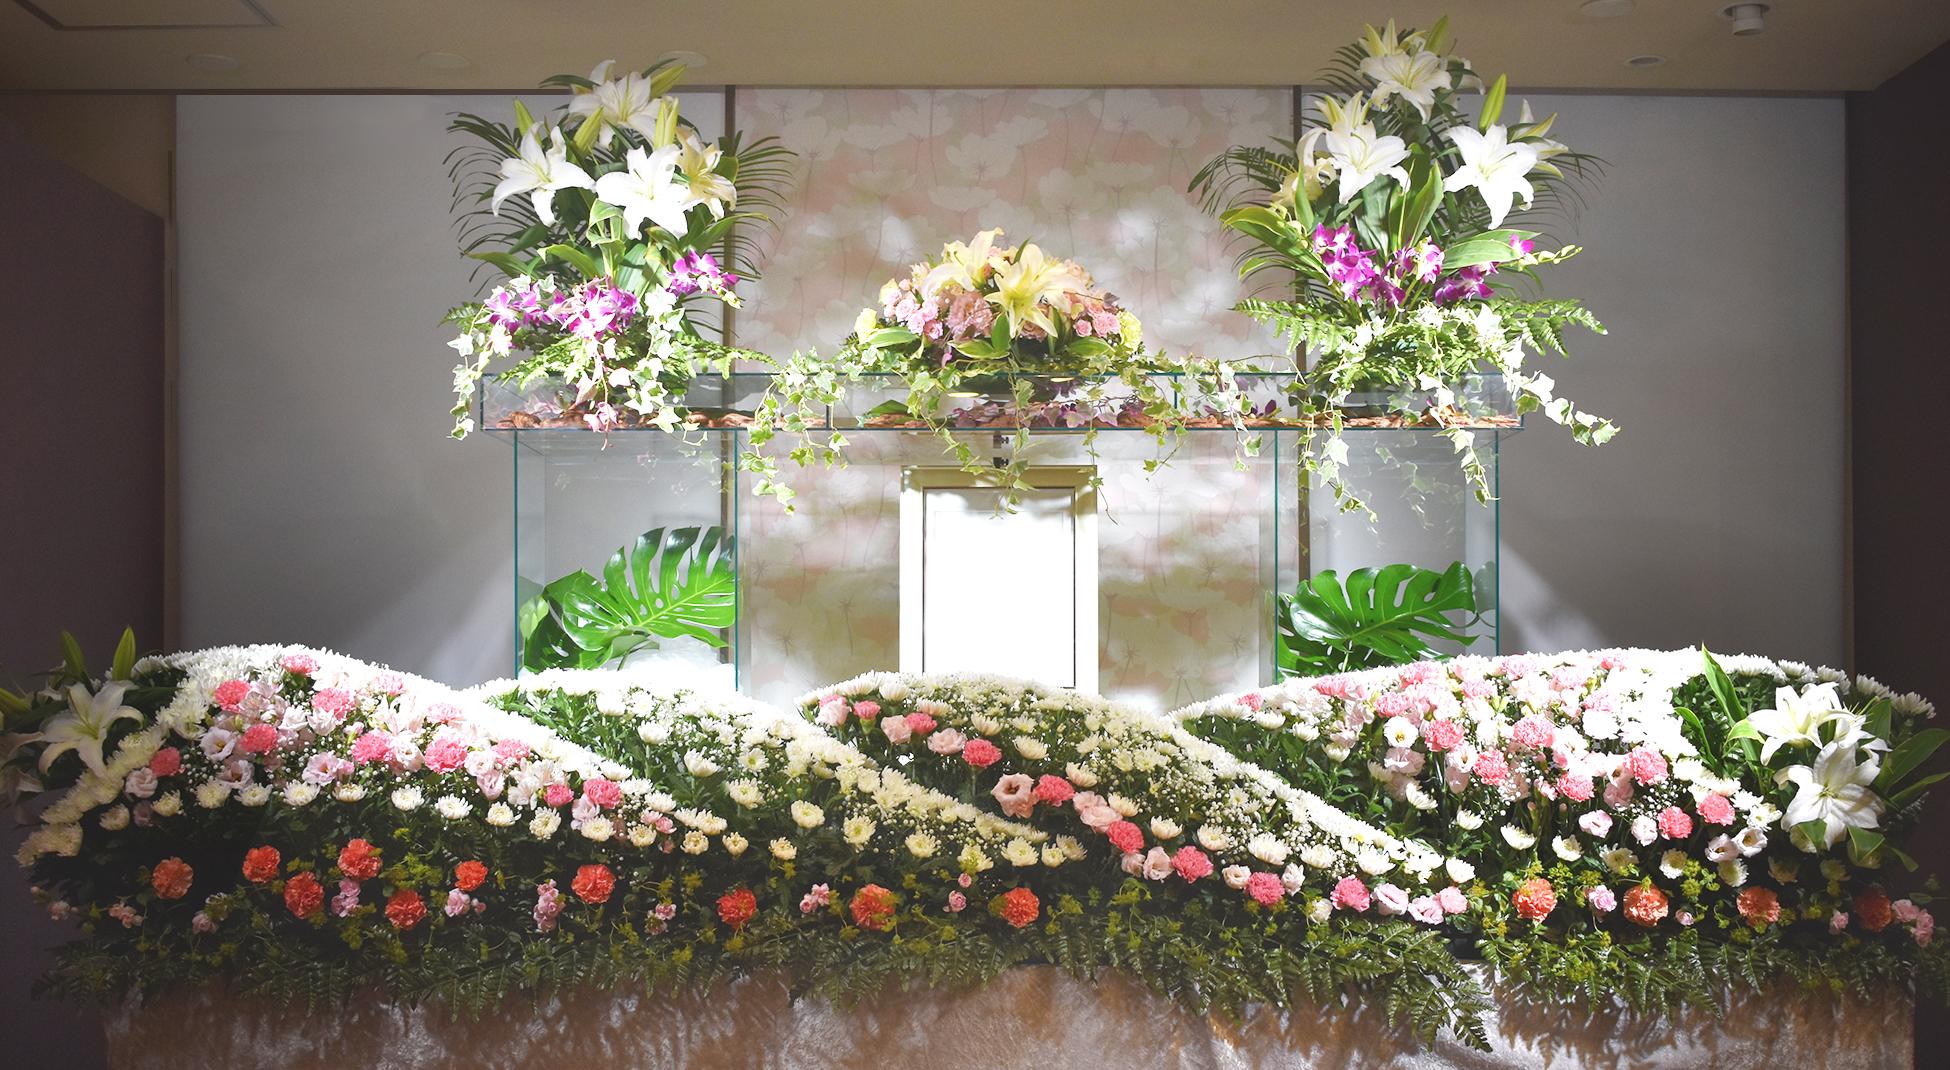 アクリル板を使ったオリジナルの生花祭壇もございます